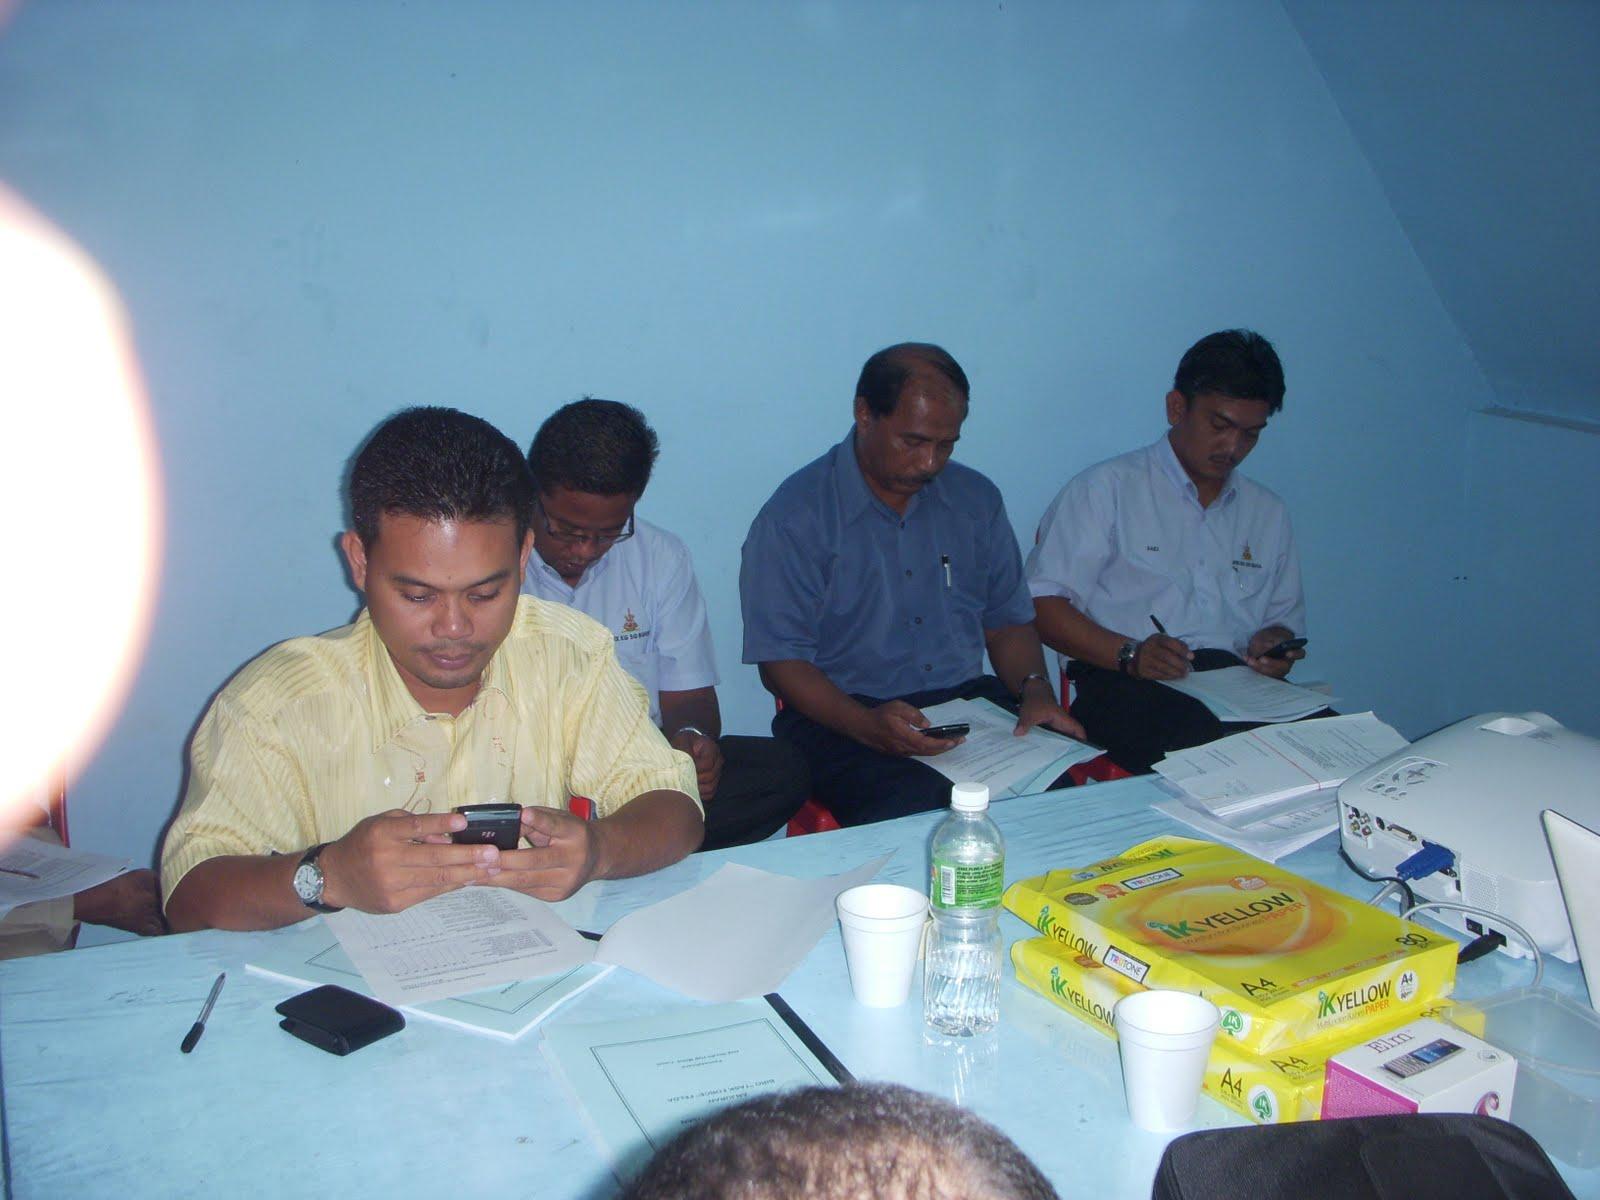 Kak Hendon juga terlibat didalam kursus pendek yang dibentangkan oleh Tuan Haji Nordin seorang pakar motivasi yang dibawakan khas dari Melaka